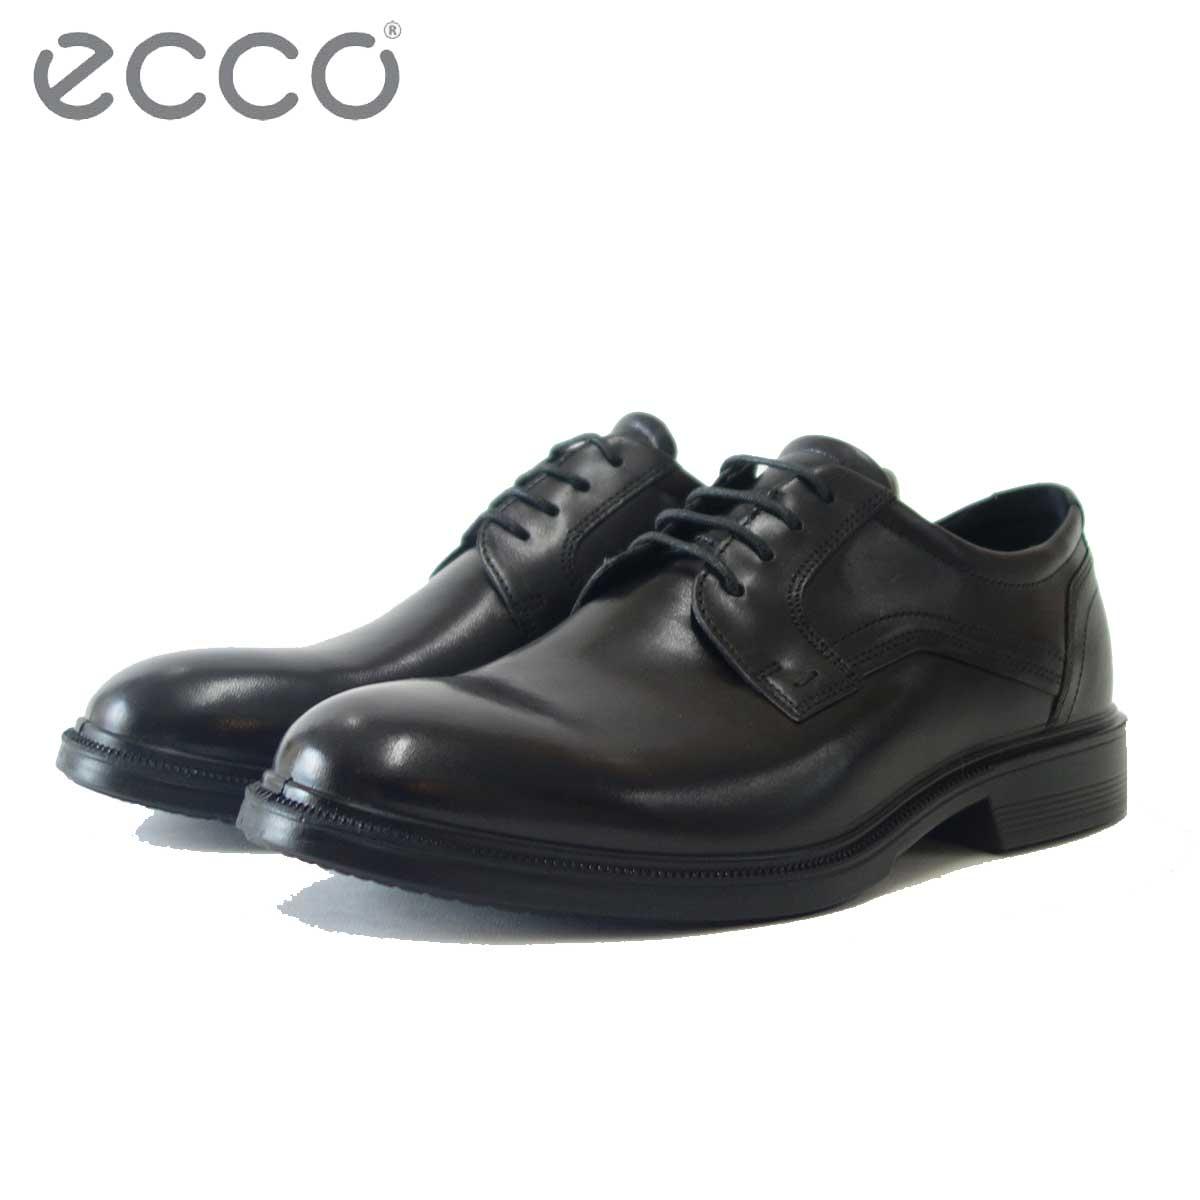 エコー ECCO 622104 ブラック(メンズ)上質レザーのビジネスシューズ(レースアップ) 「靴」